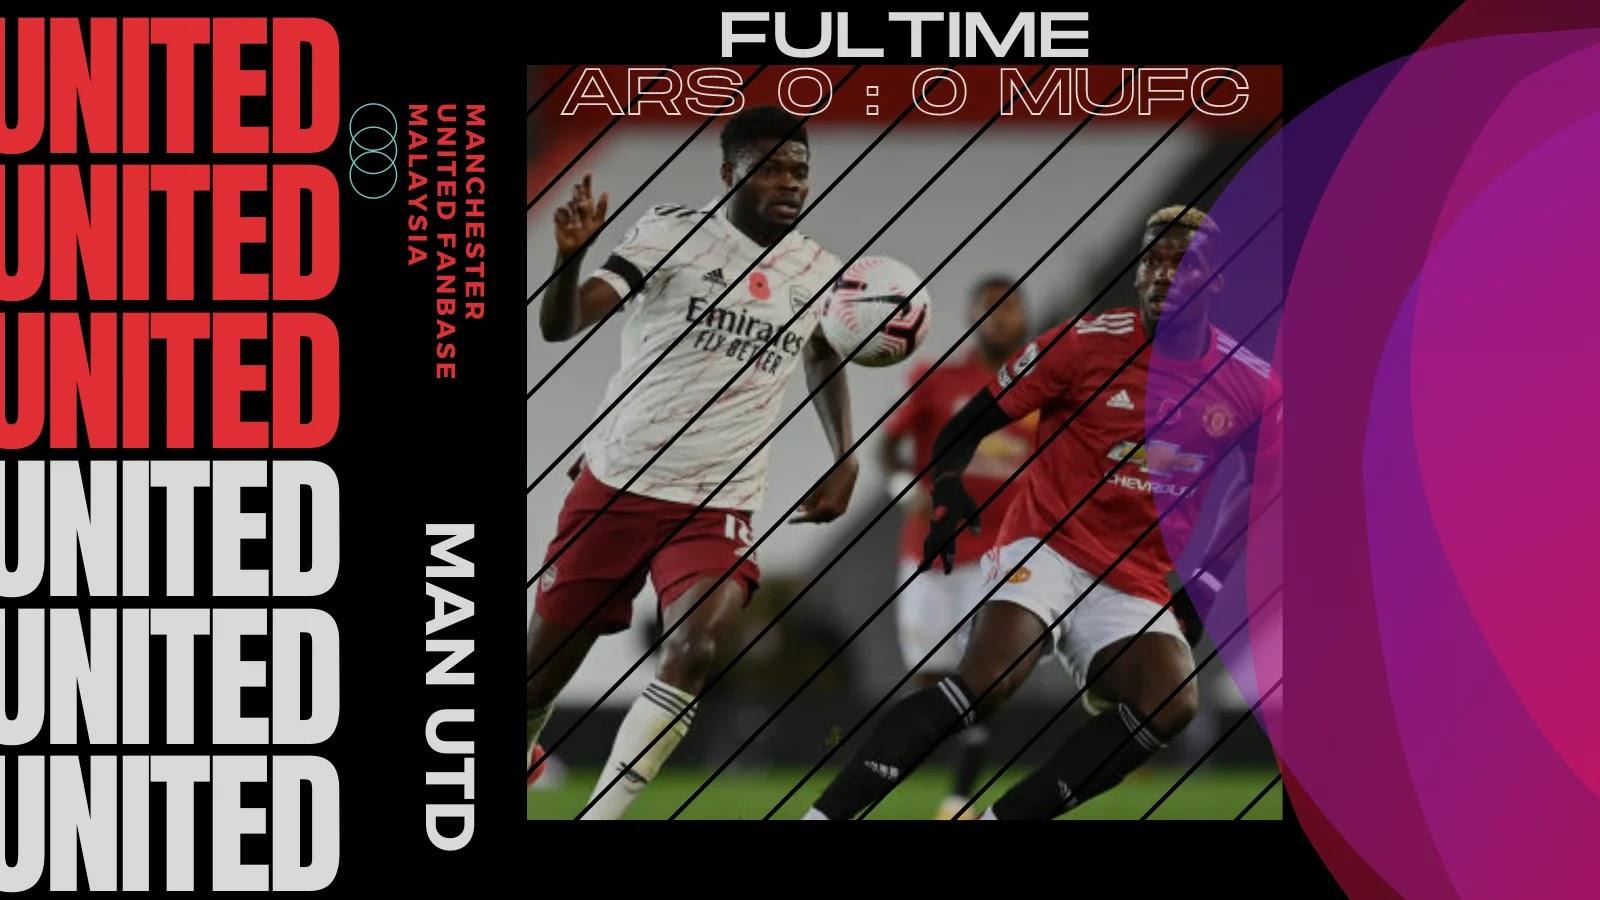 Analisis Taktik Arsenal Lawan Man Utd